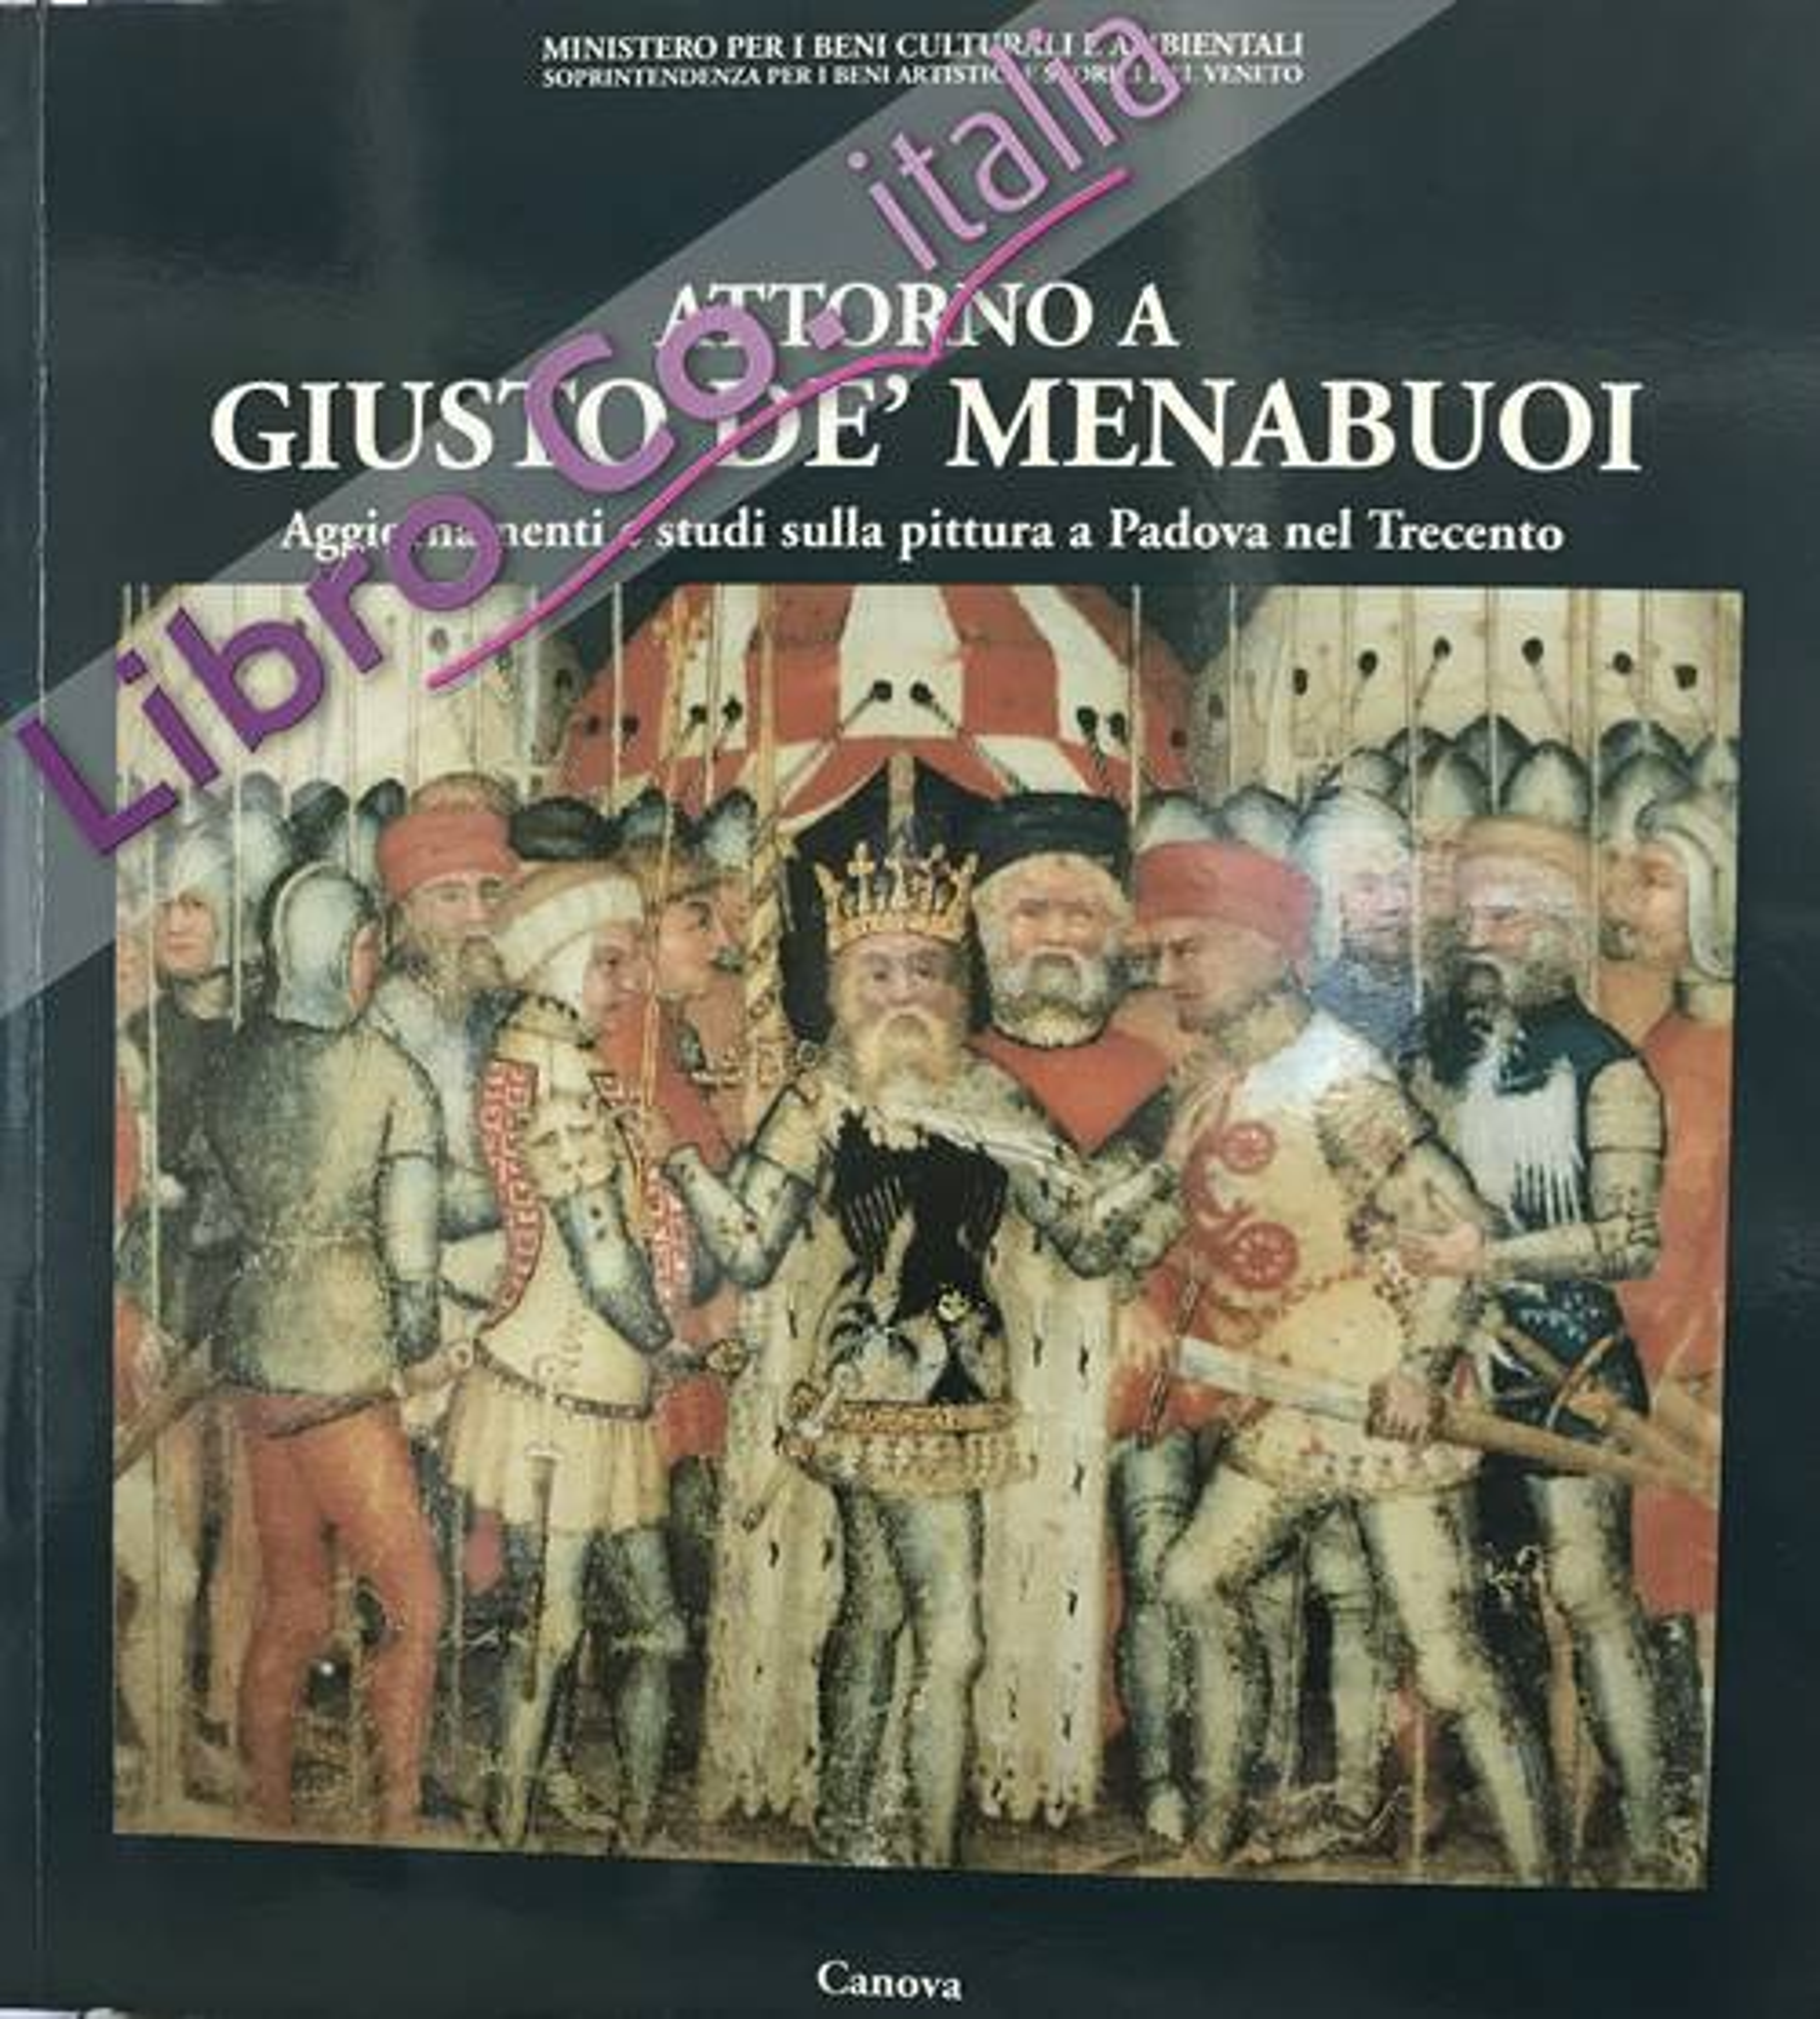 Attorno a Giusto de' Menabuoi. Aggiornamenti e studi sulla pittura a Padova nel Trecento. Atti della giornata di studio 18 dicembre 1990.